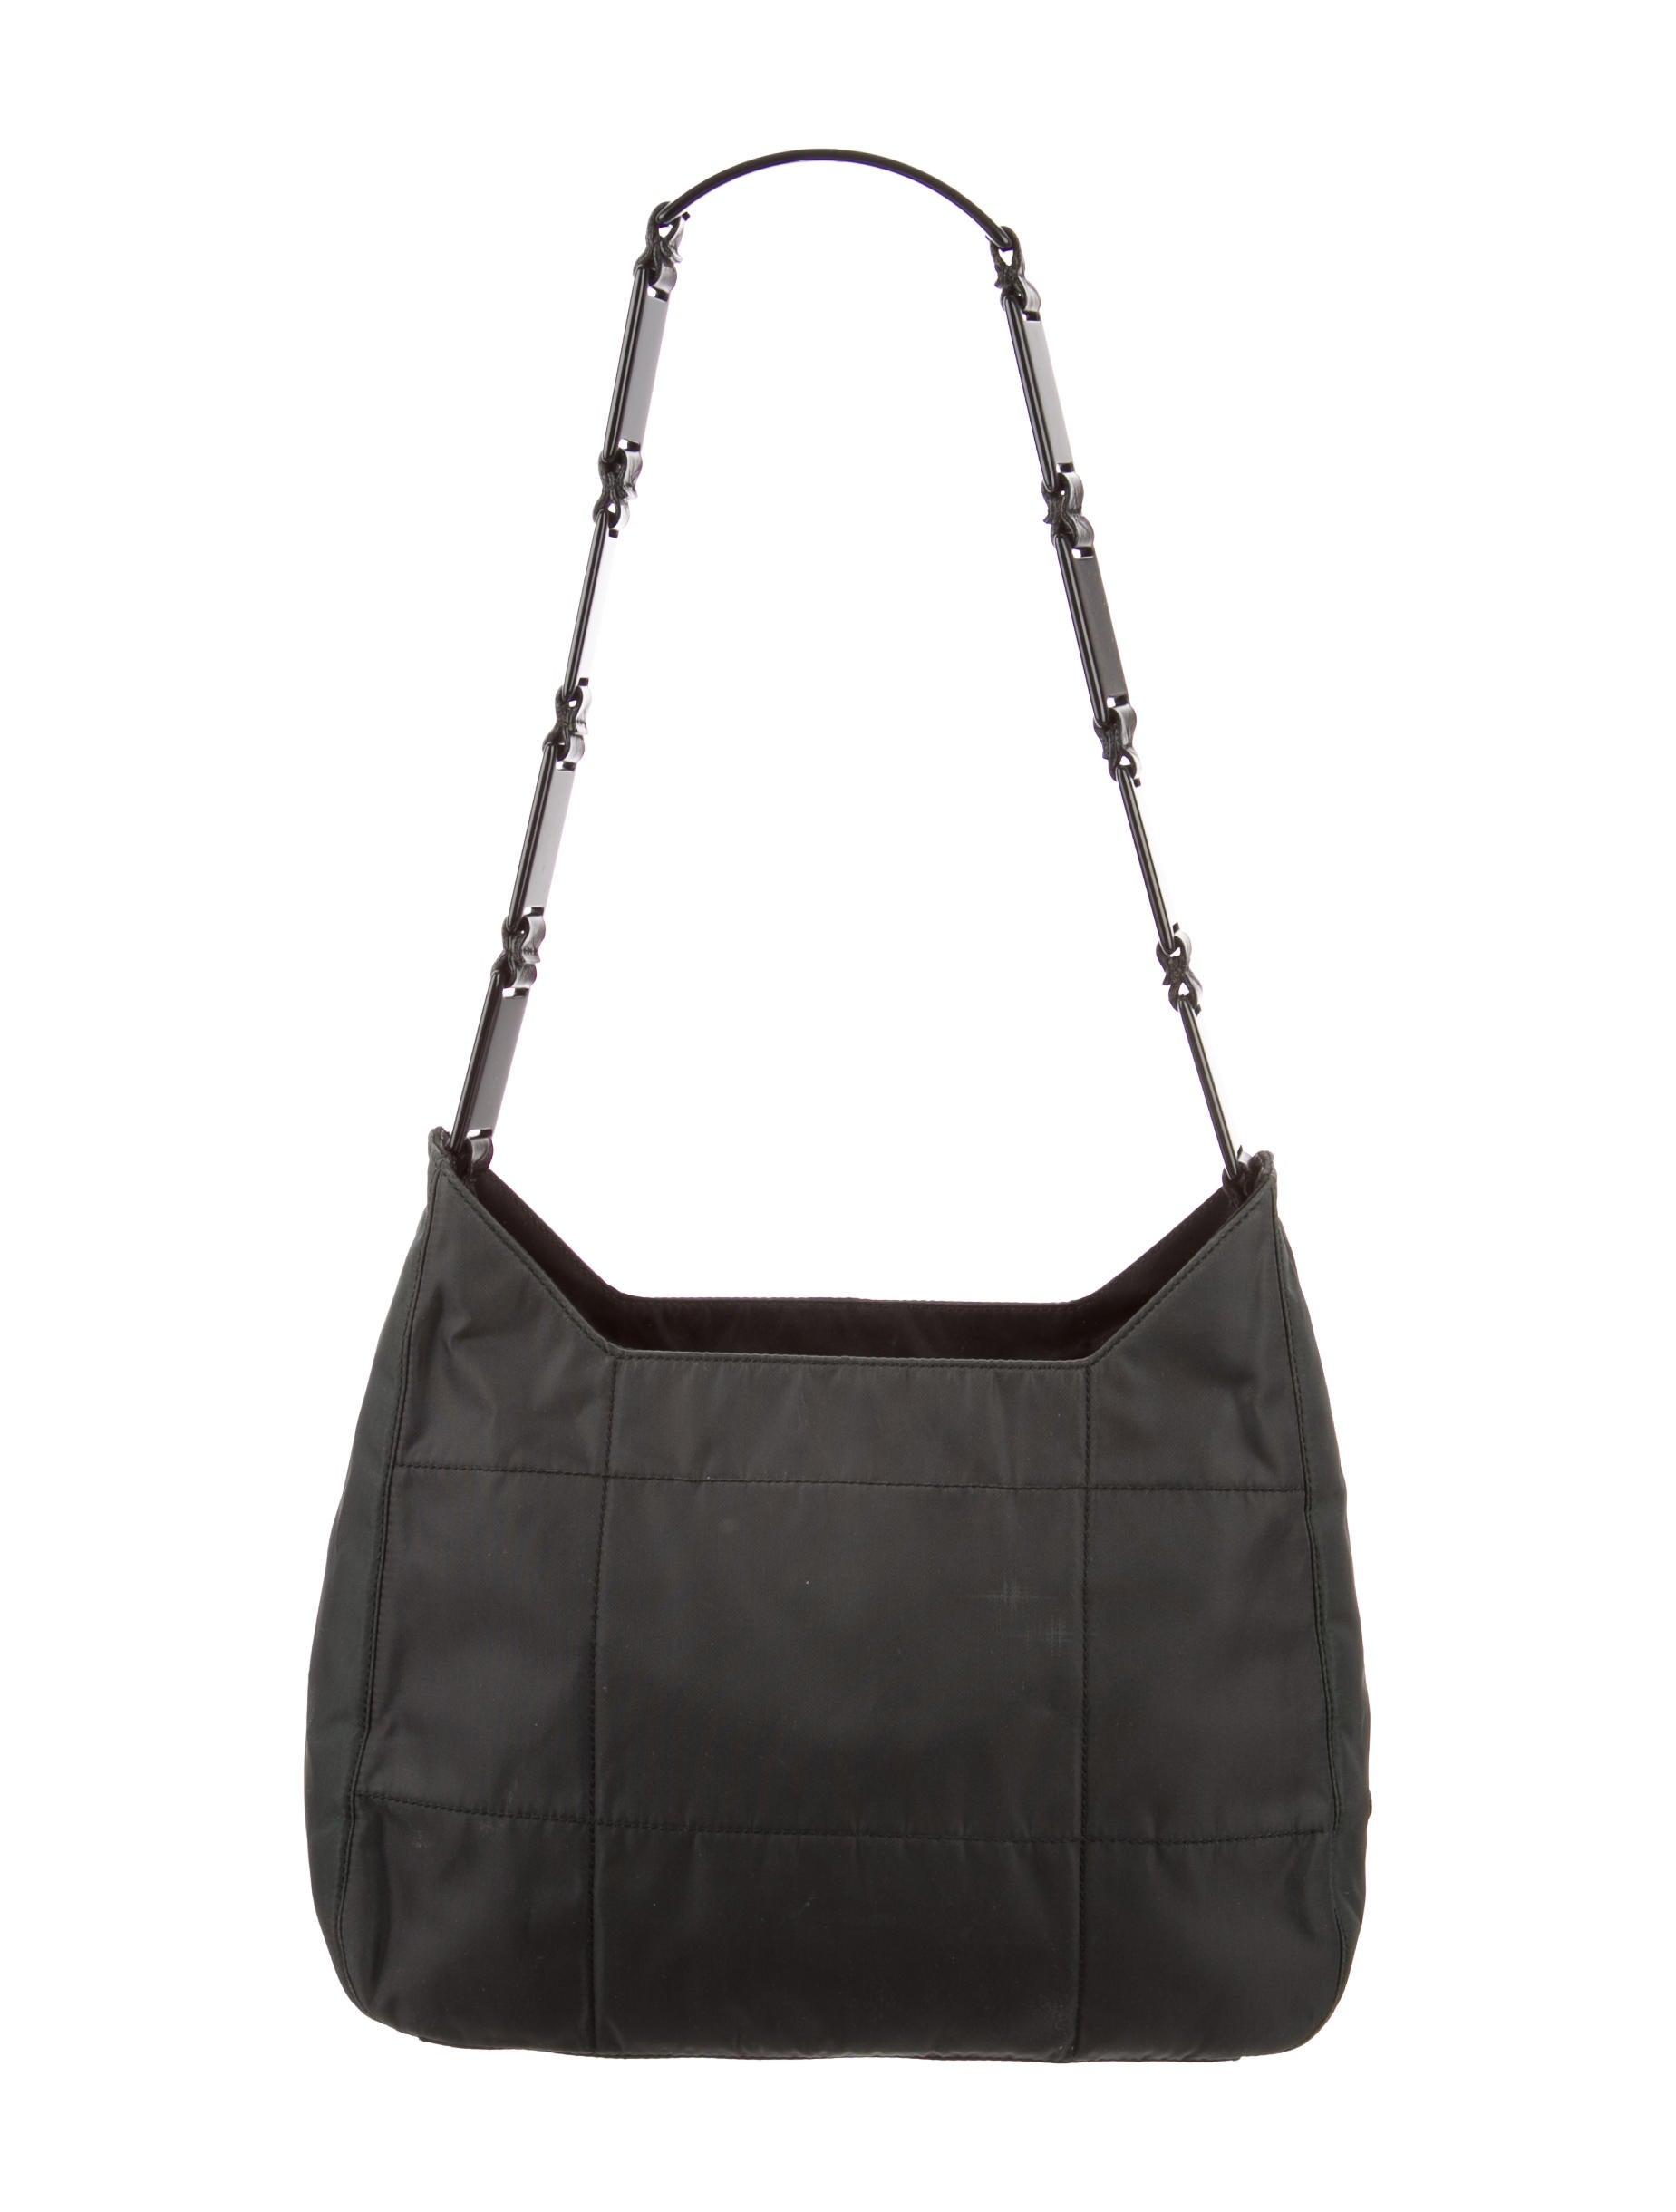 prada canada price - Prada Tessuto Quilted Shoulder Bag - Handbags - PRA85525 | The ...